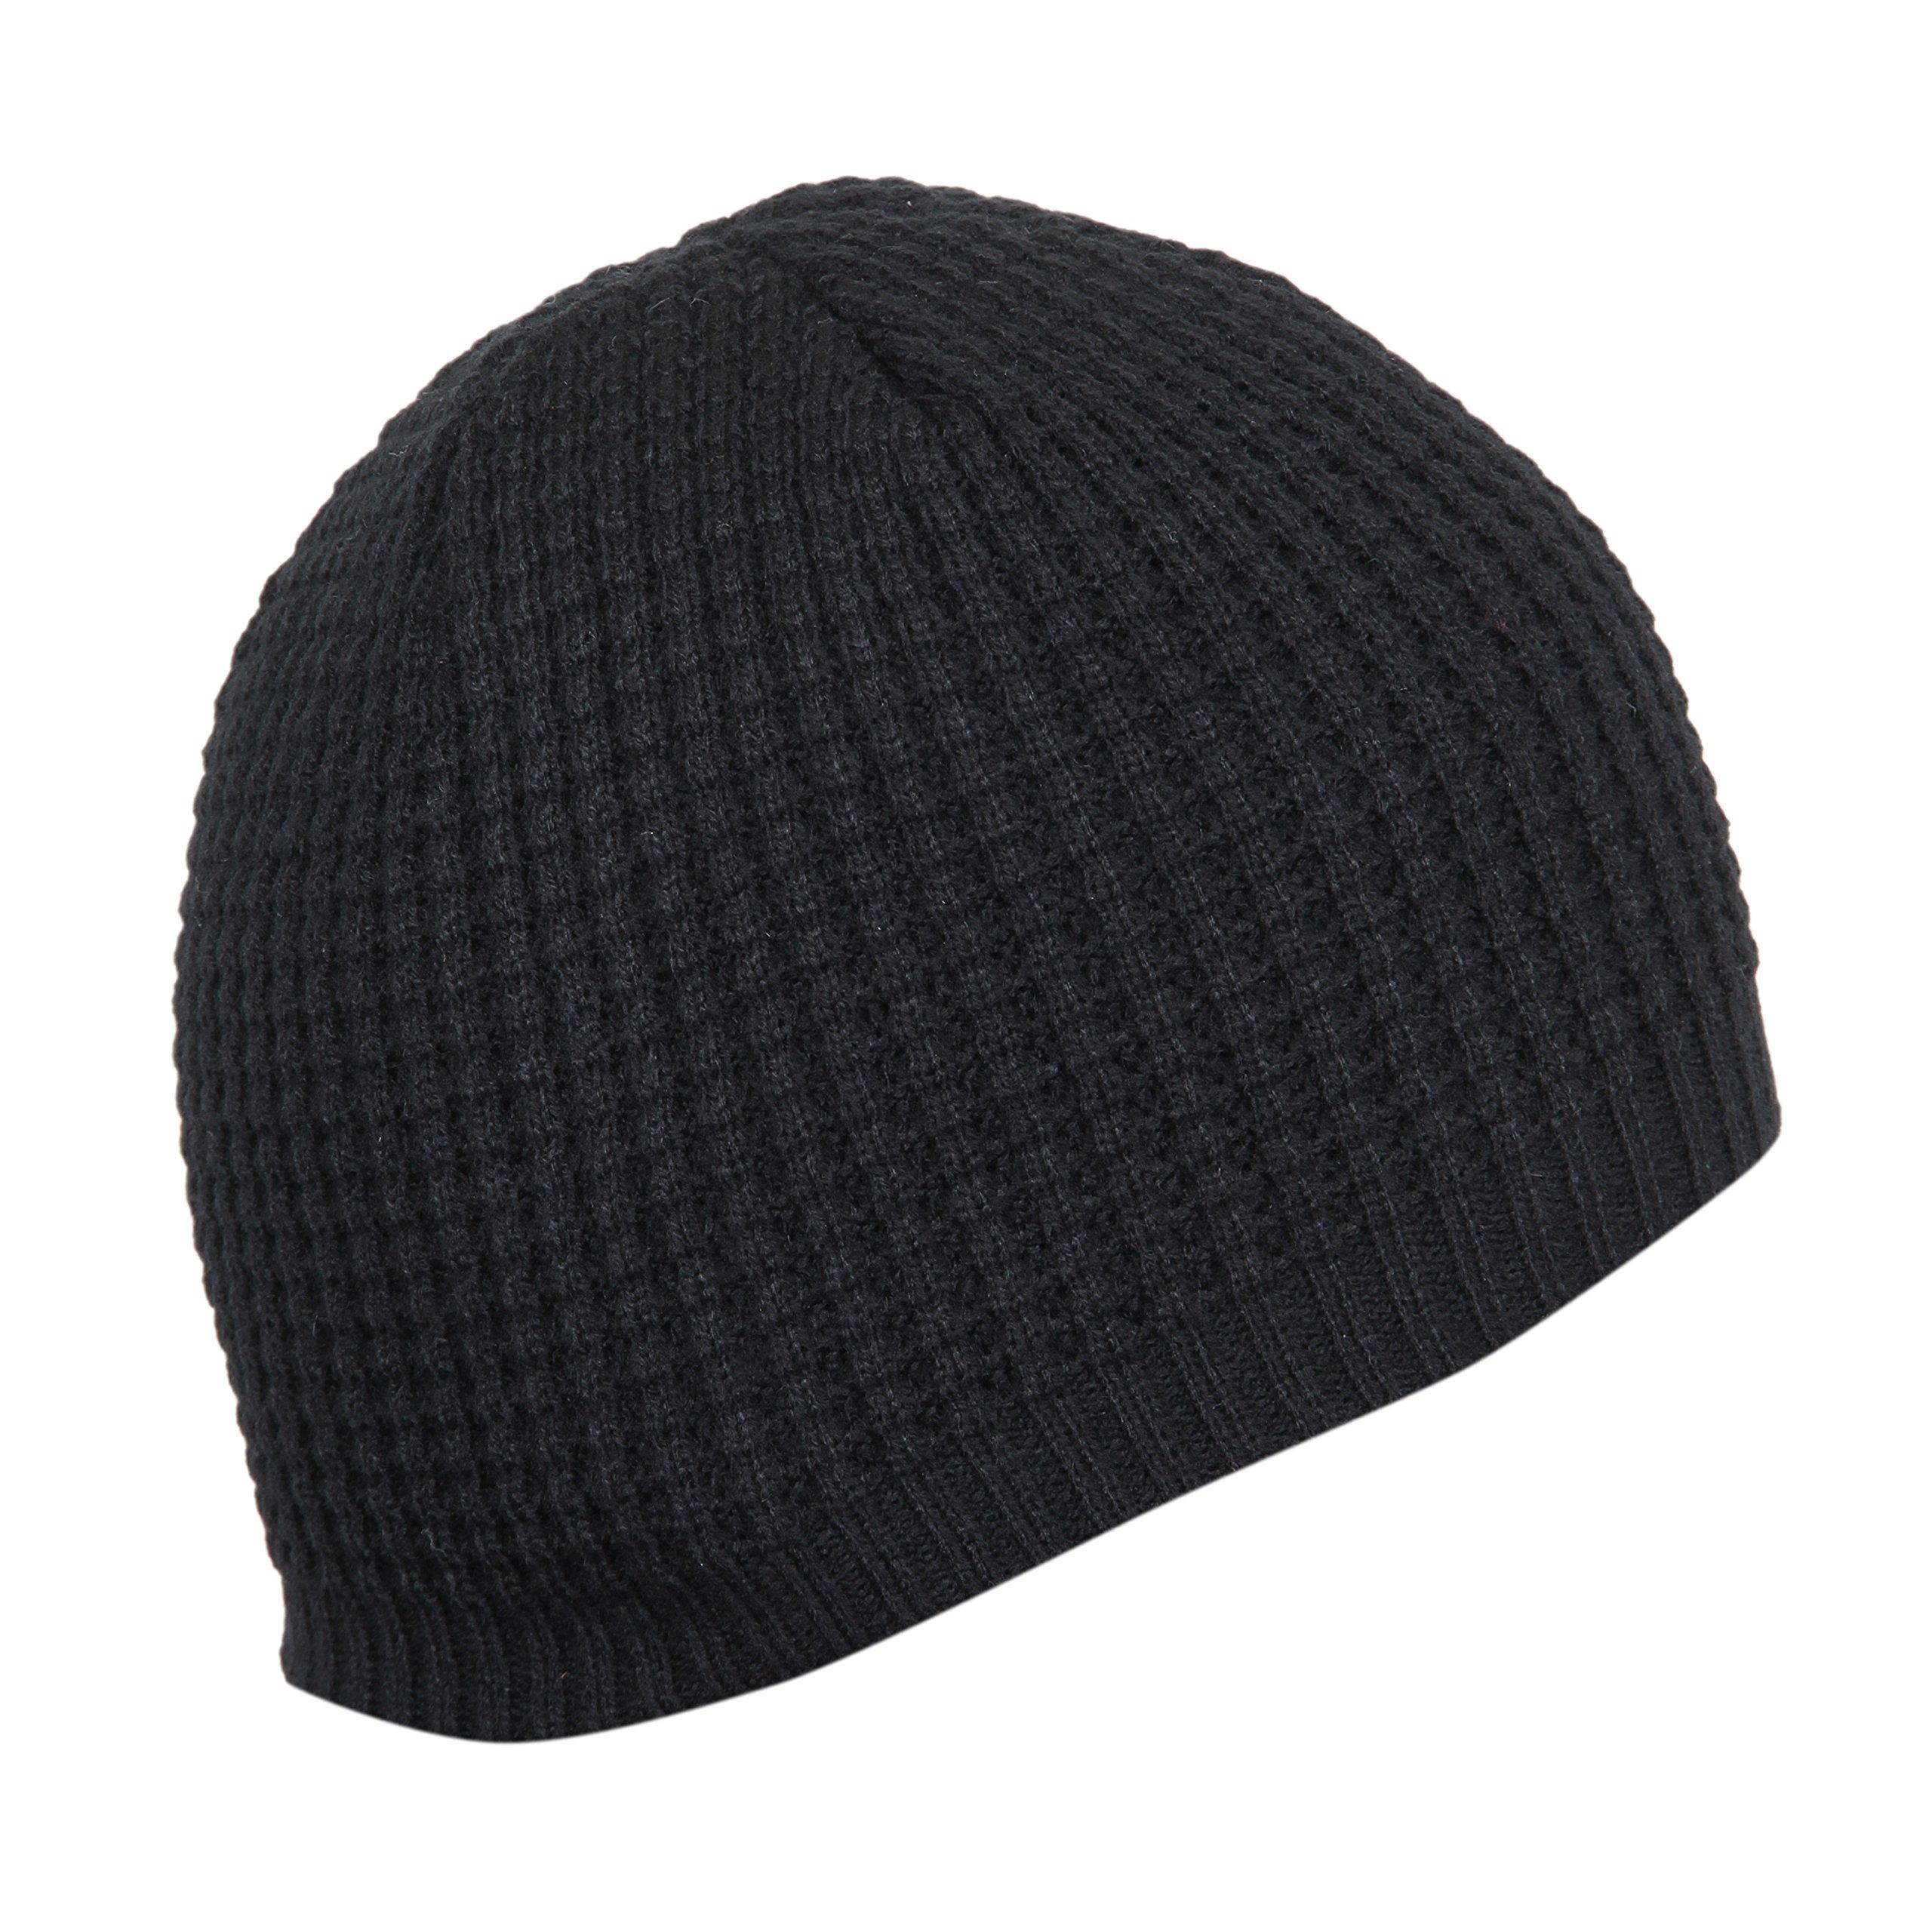 9633a8881be FabSeasons Acrylic Woolen Winter Skull Cap – Online Shopping Site in ...